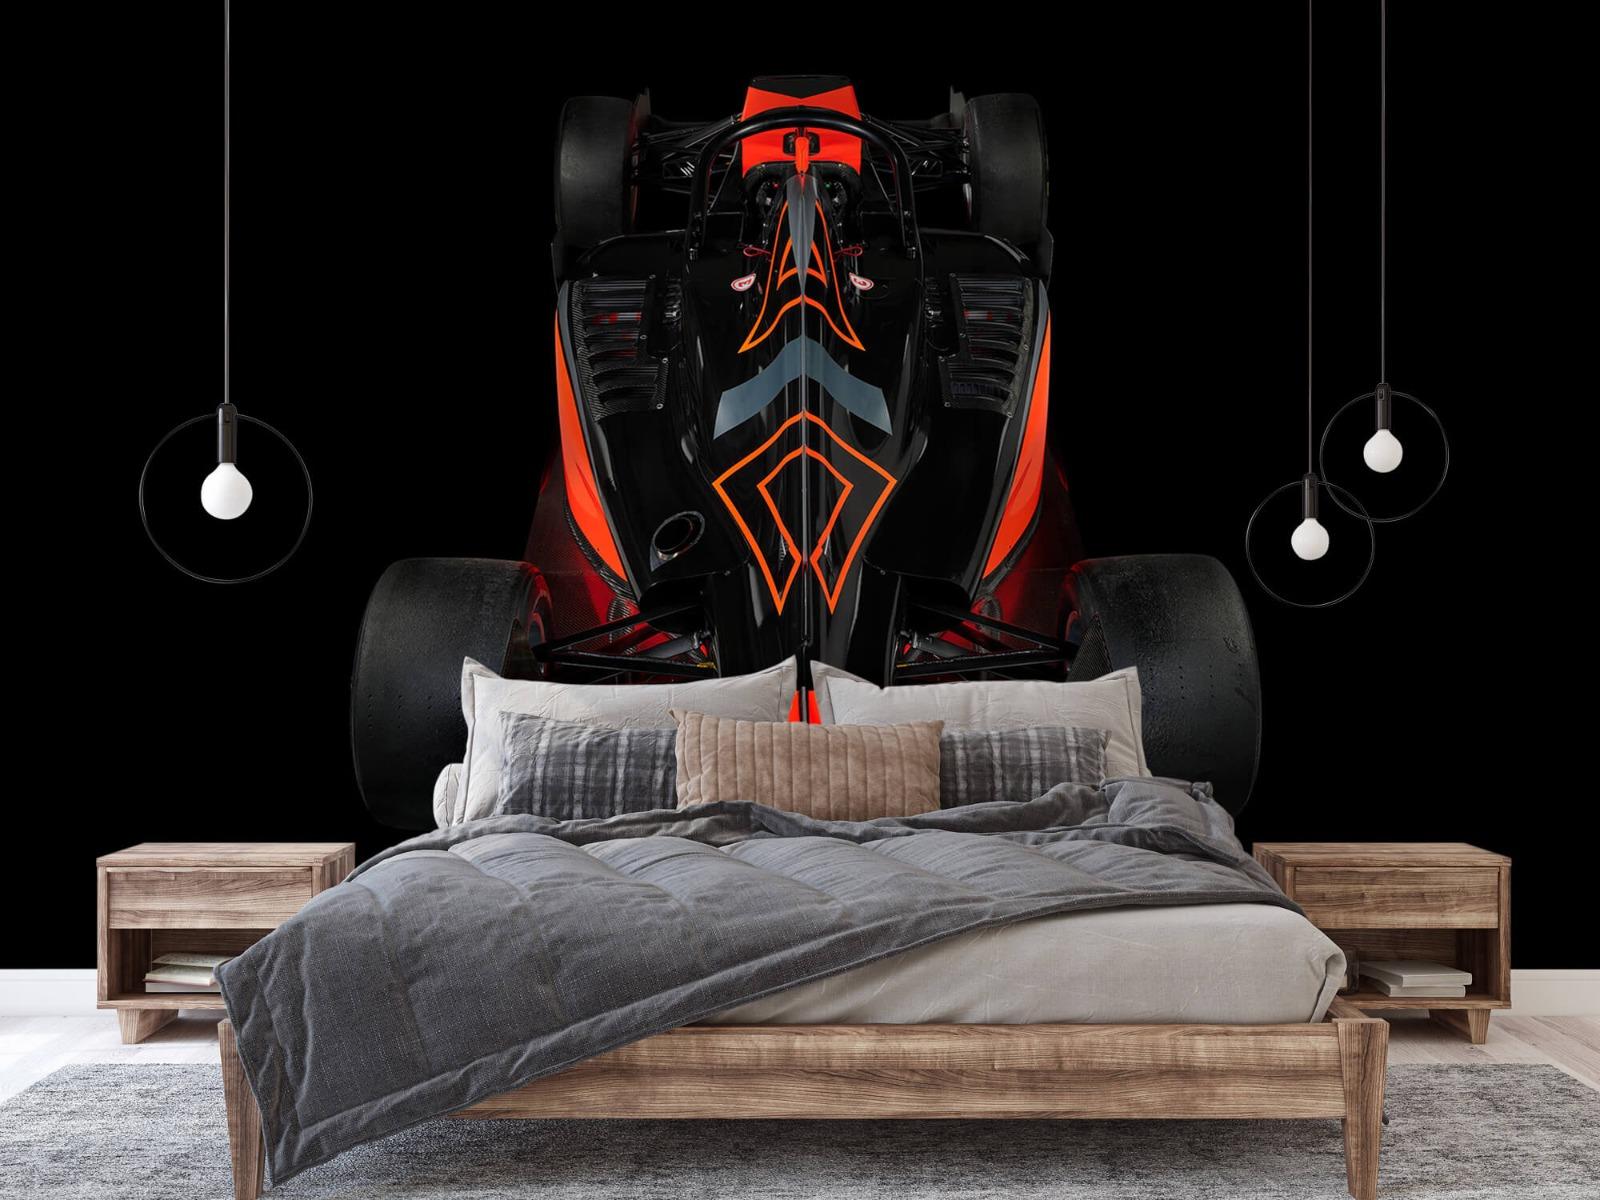 Sportauto's - Formule 3 - Rear view - dark - Tienerkamer 2